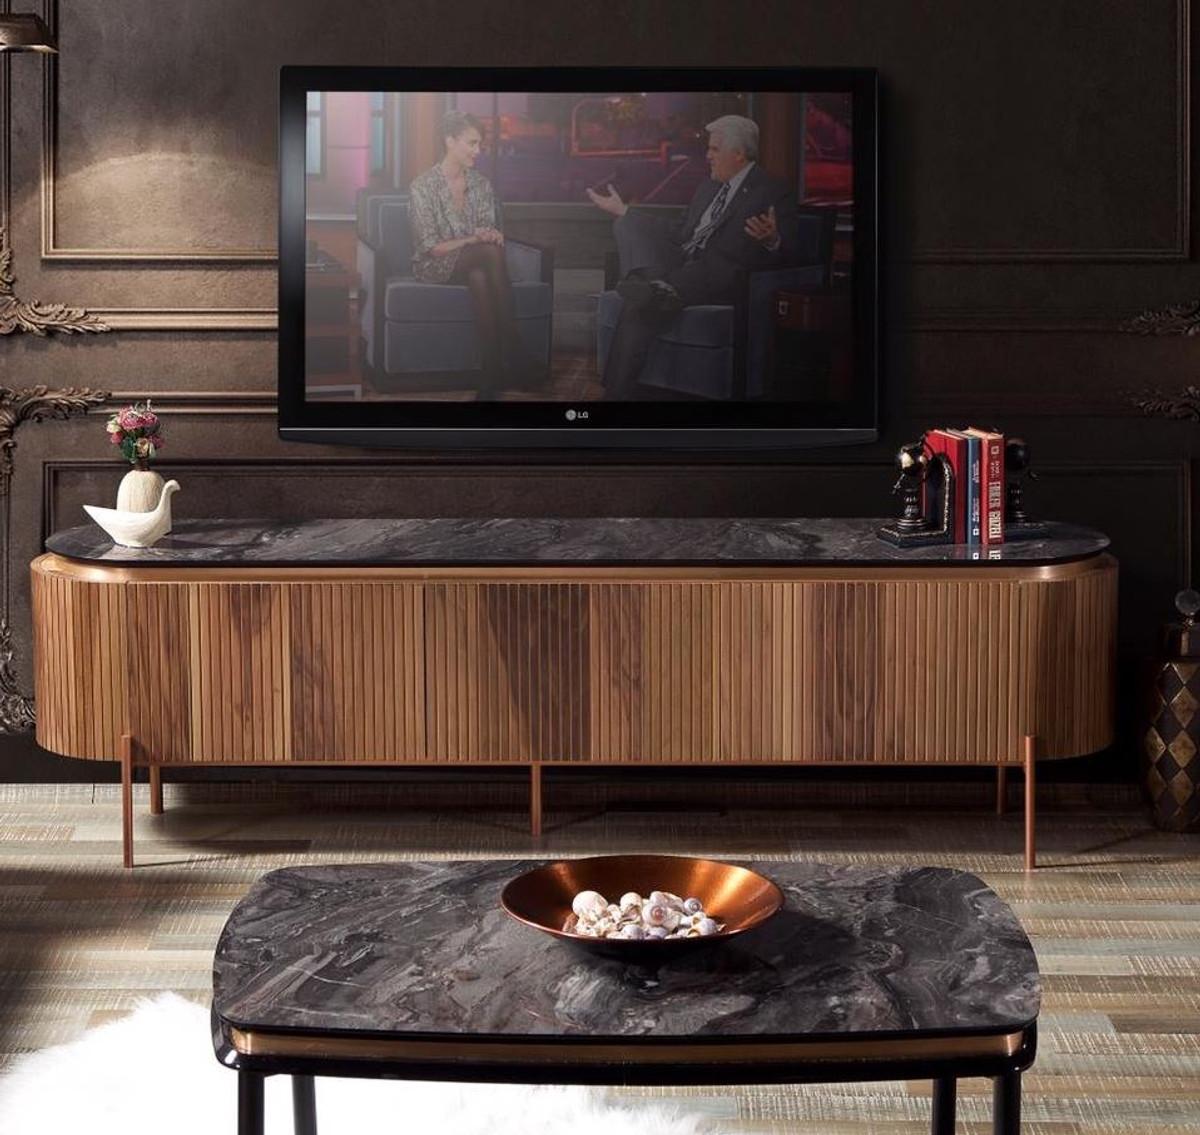 casa padrino armoire tv de luxe brun noir cuivre 208 x 48 x h 57 cm meuble tv avec 4 portes et plateau en verre aspect marbre meubles de